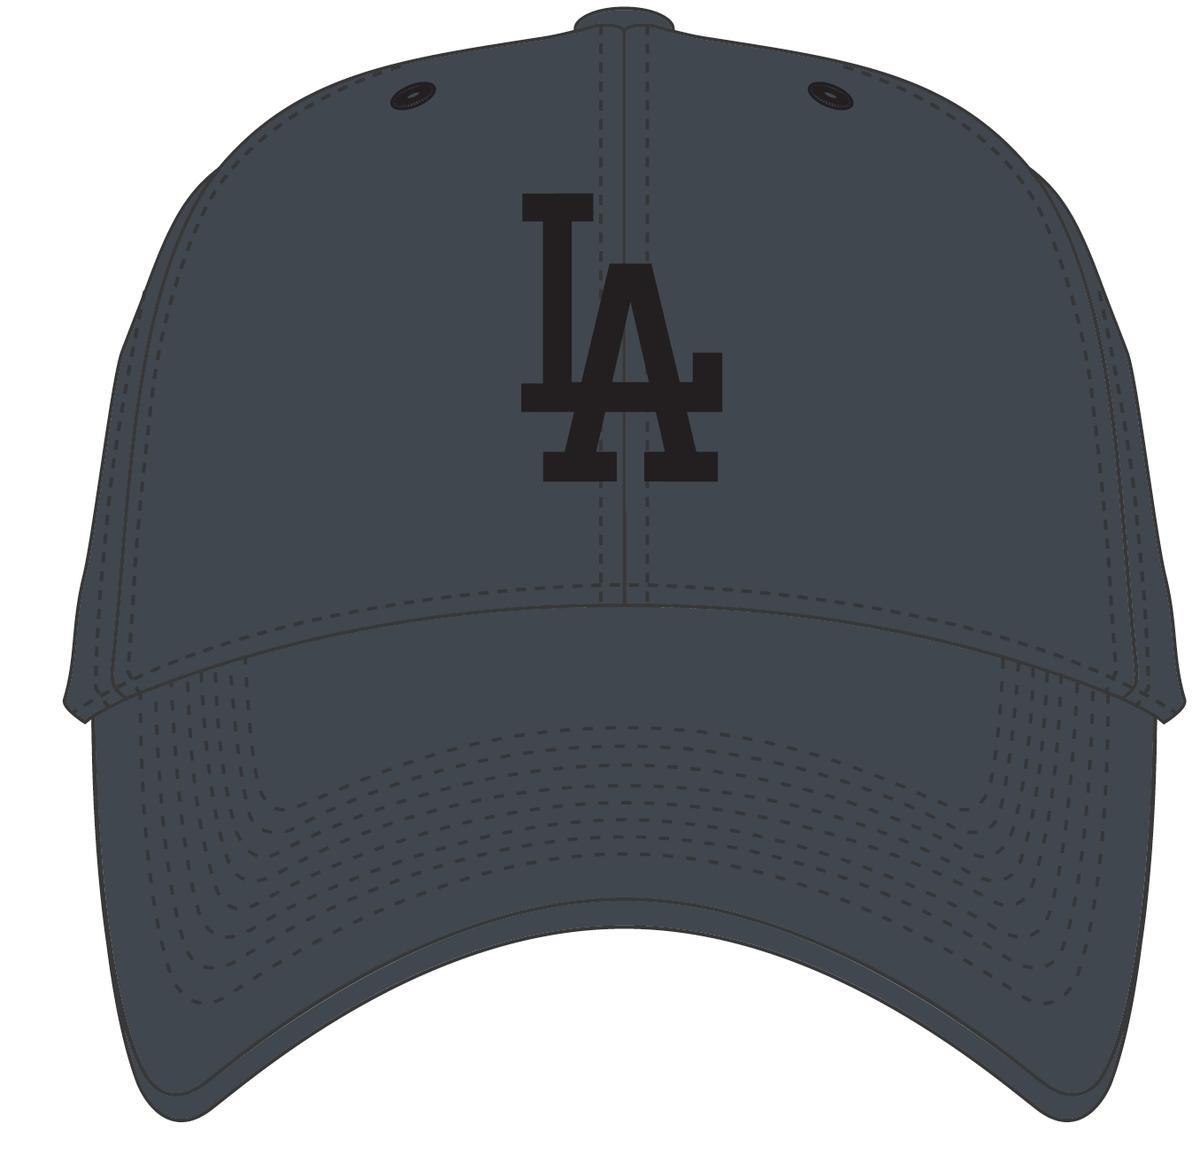 47 BRAND CZAPKA LOS ANGELES DODGERS GRAFITOWA (B-AERIL12GWS-CC)